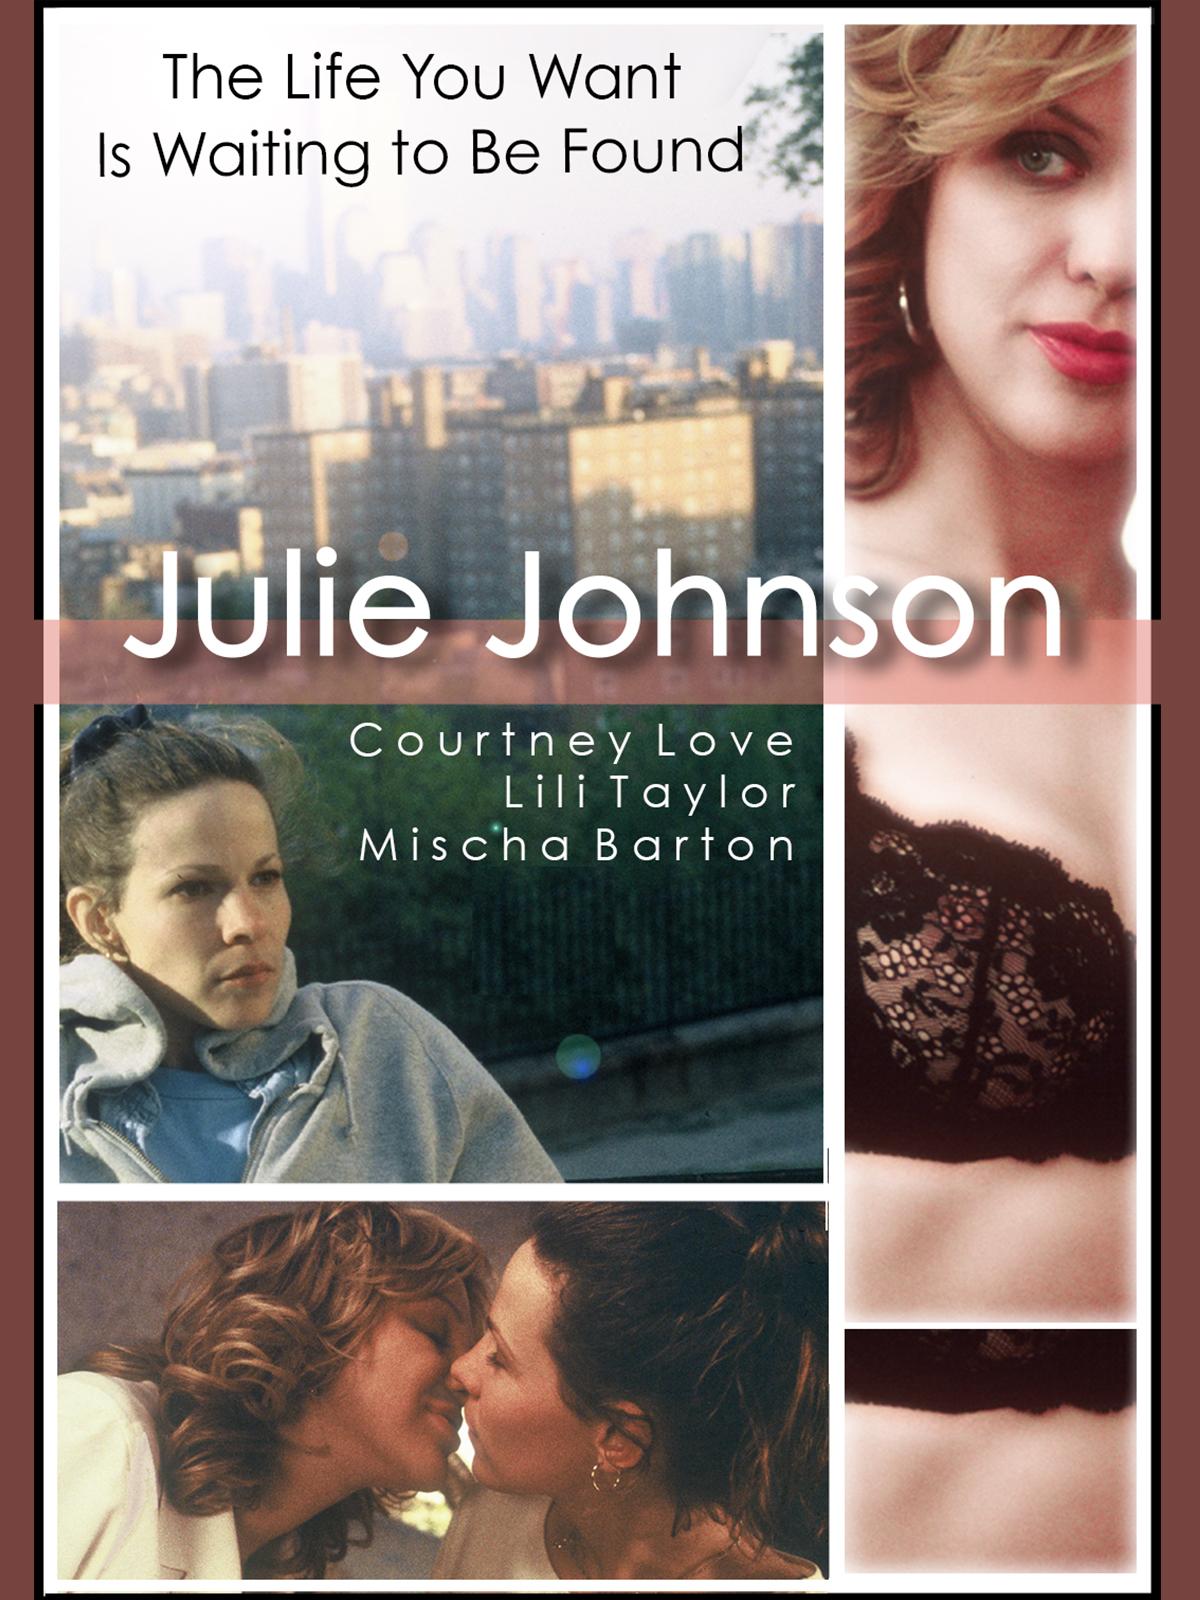 Here-JulieJohnson-Full-Image-en-US.jpg